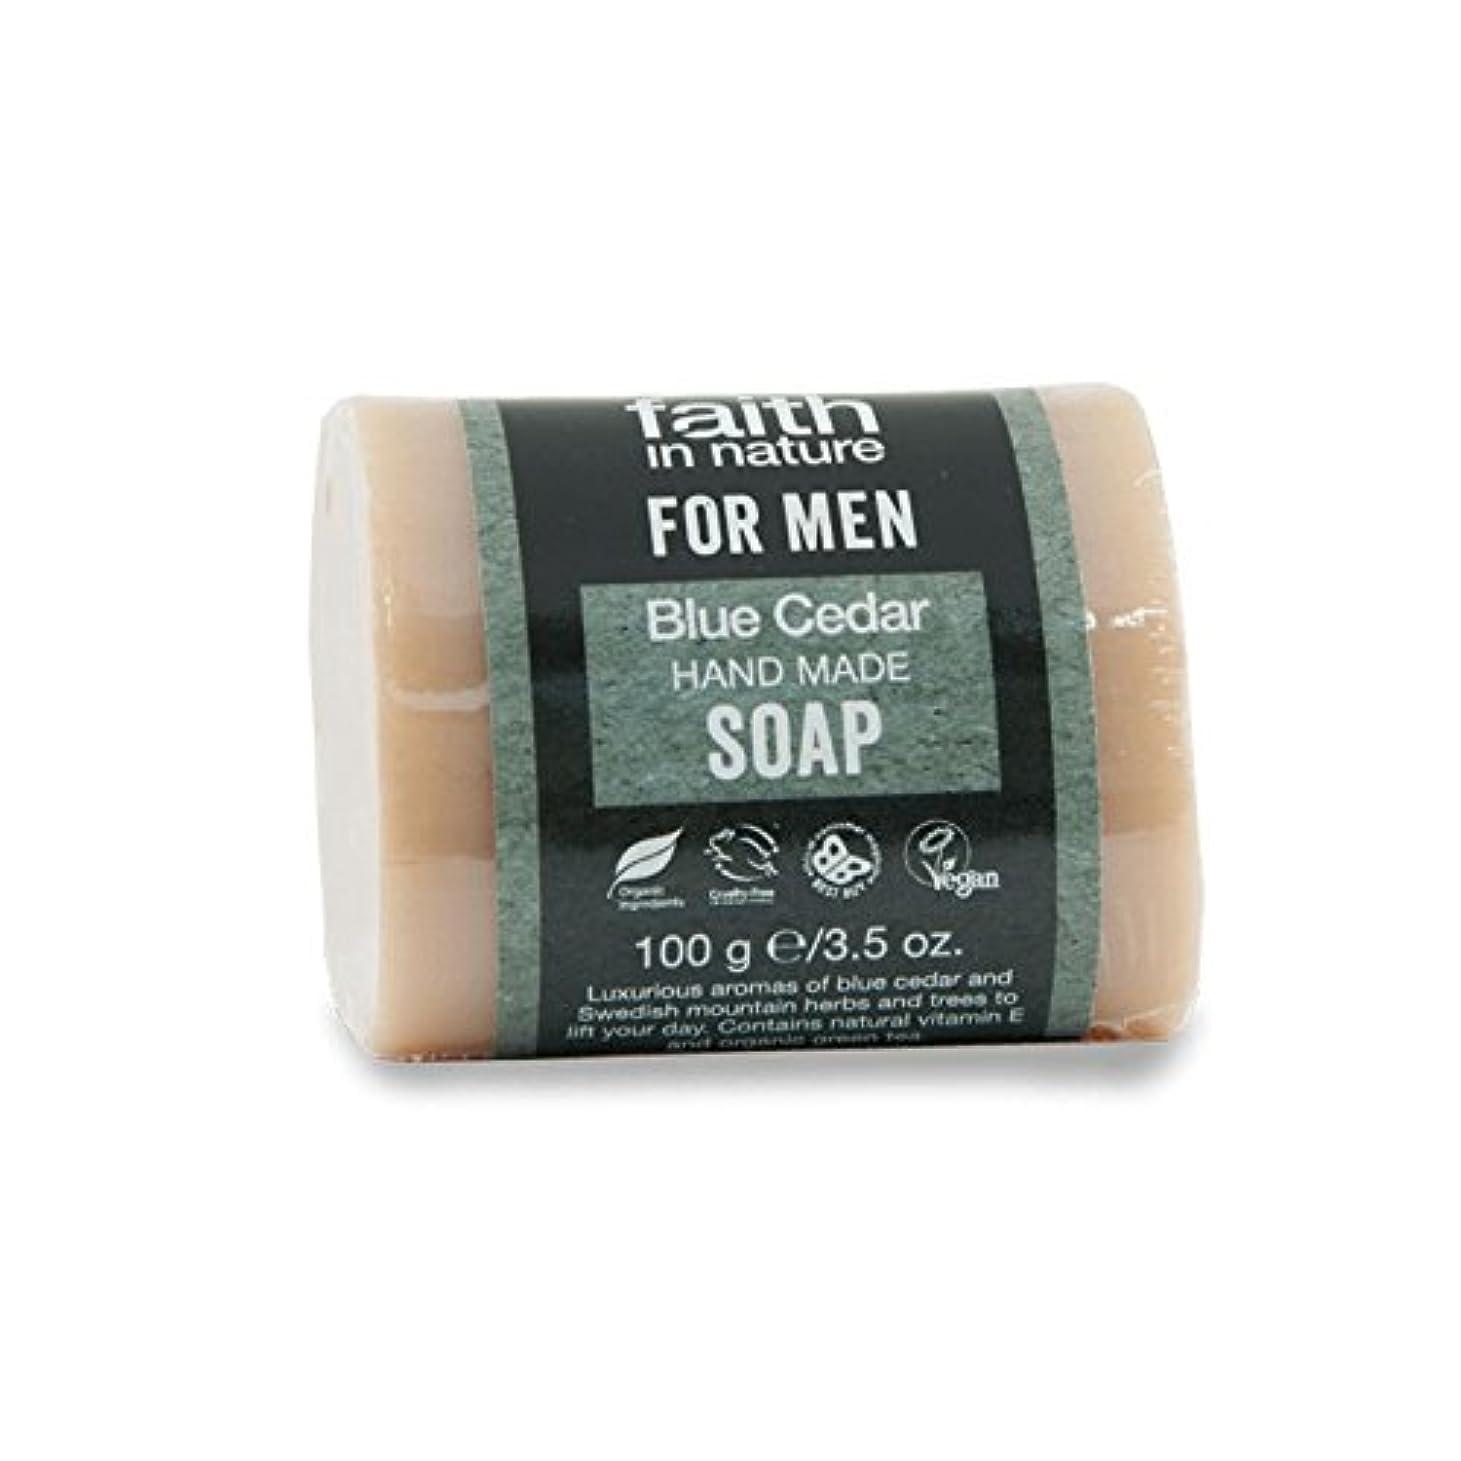 アストロラーベ種エレメンタル男性青杉の石鹸100グラムのための自然の中で信仰 - Faith in Nature for Men Blue Cedar Soap 100g (Faith in Nature) [並行輸入品]